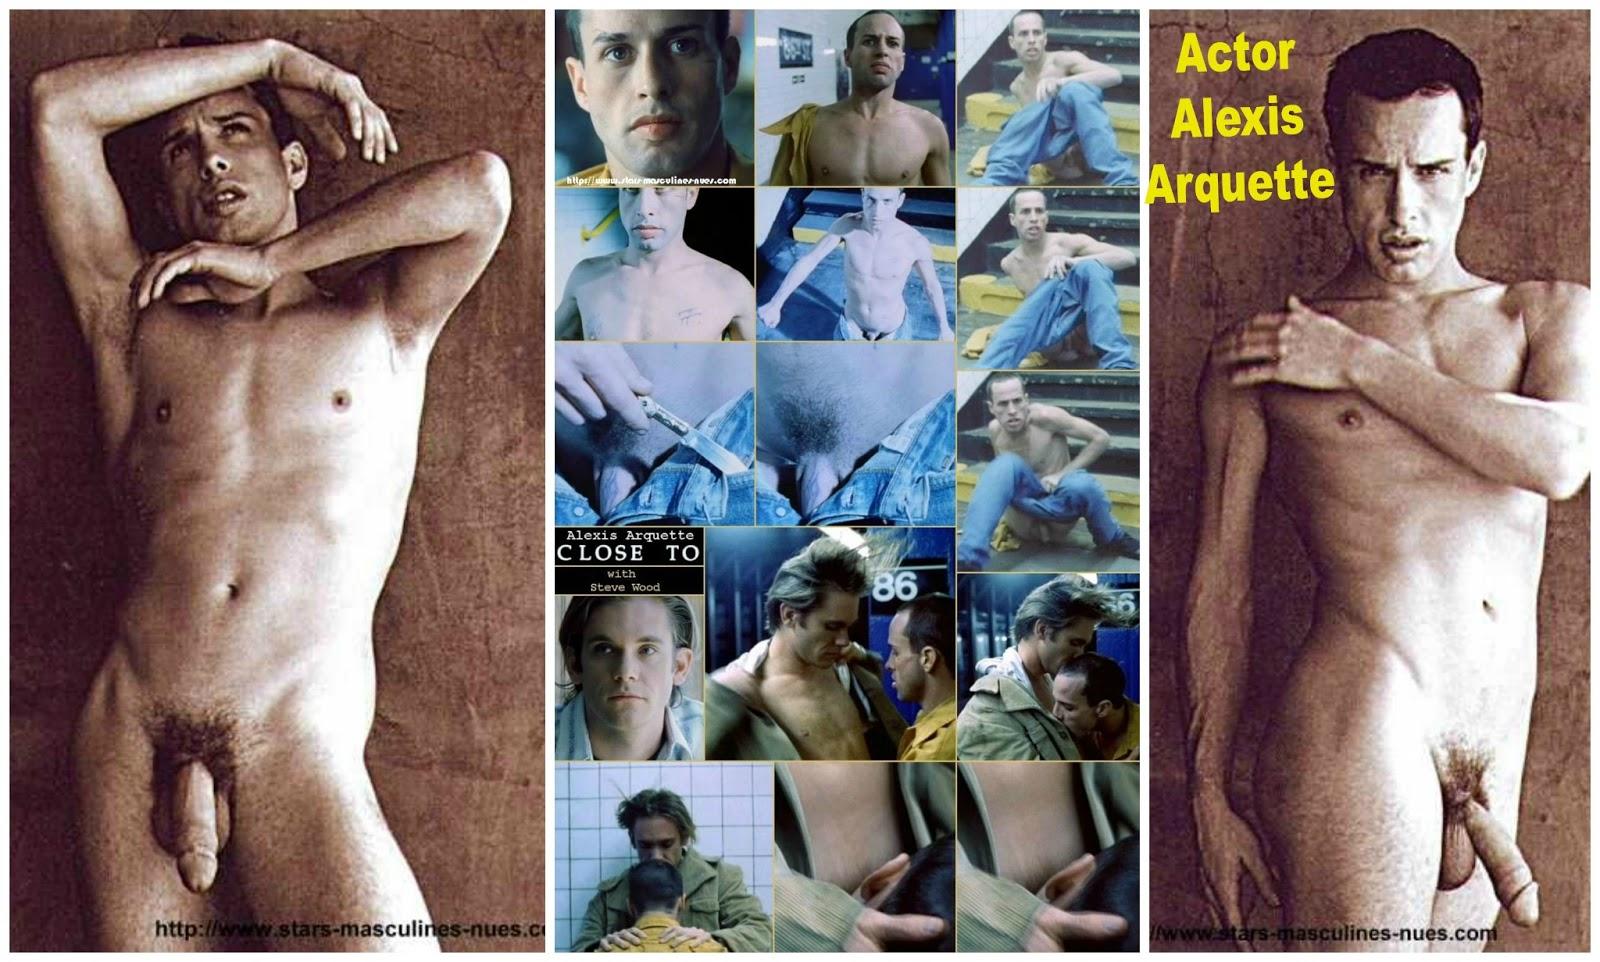 Fantasy Fellaz Various Nude Celebrity Men-1210